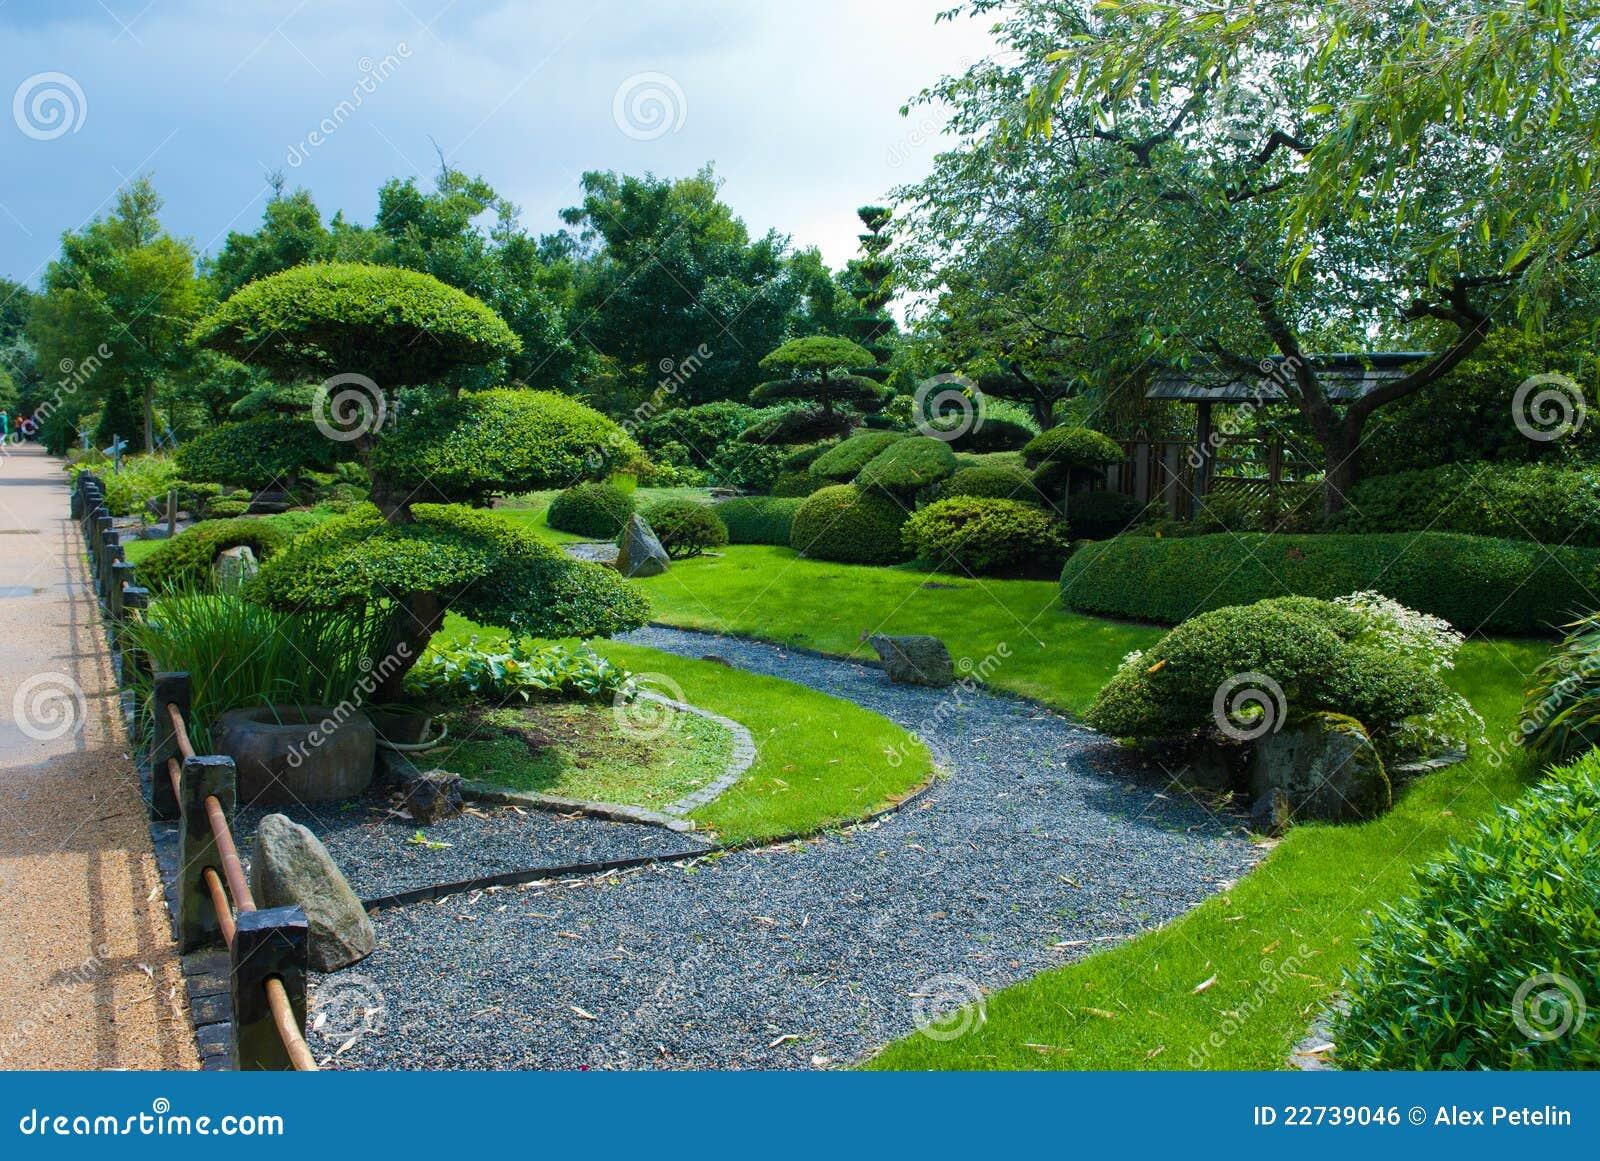 Japanischer Garten Topiary